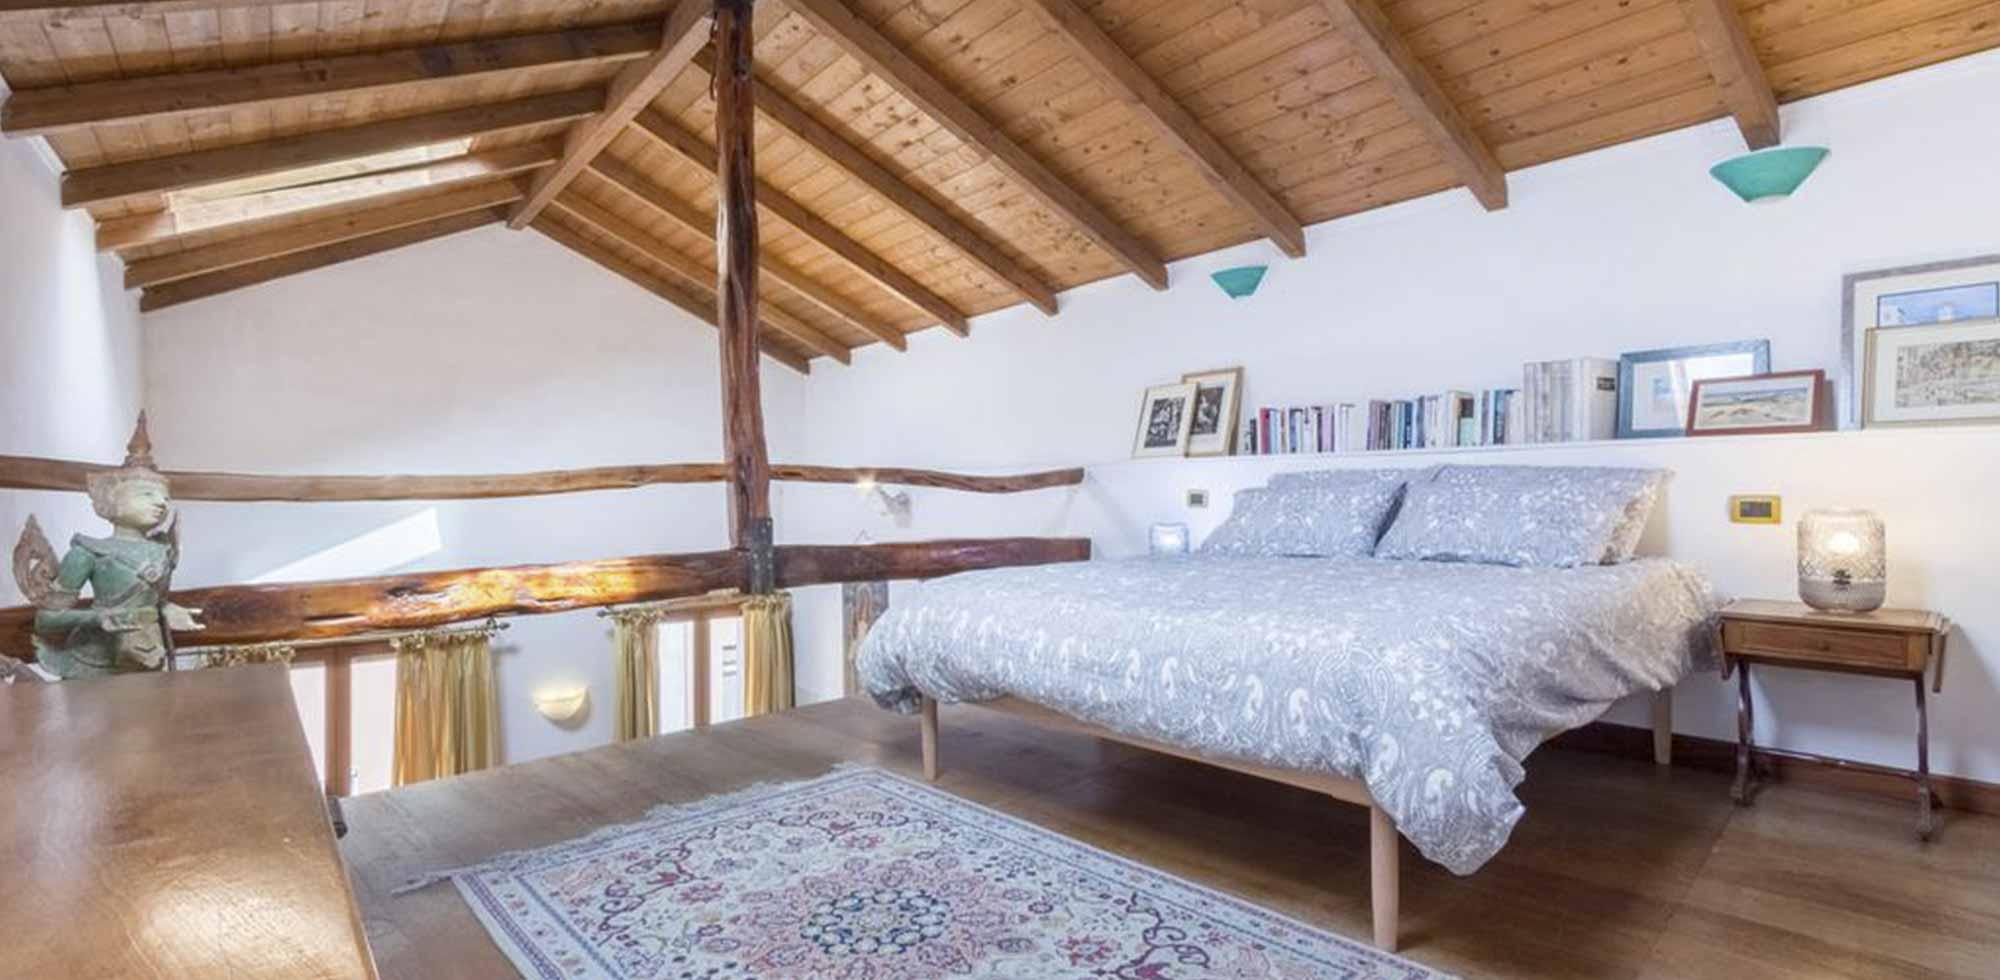 Globe Trotter's House Marina Casa Vacanze